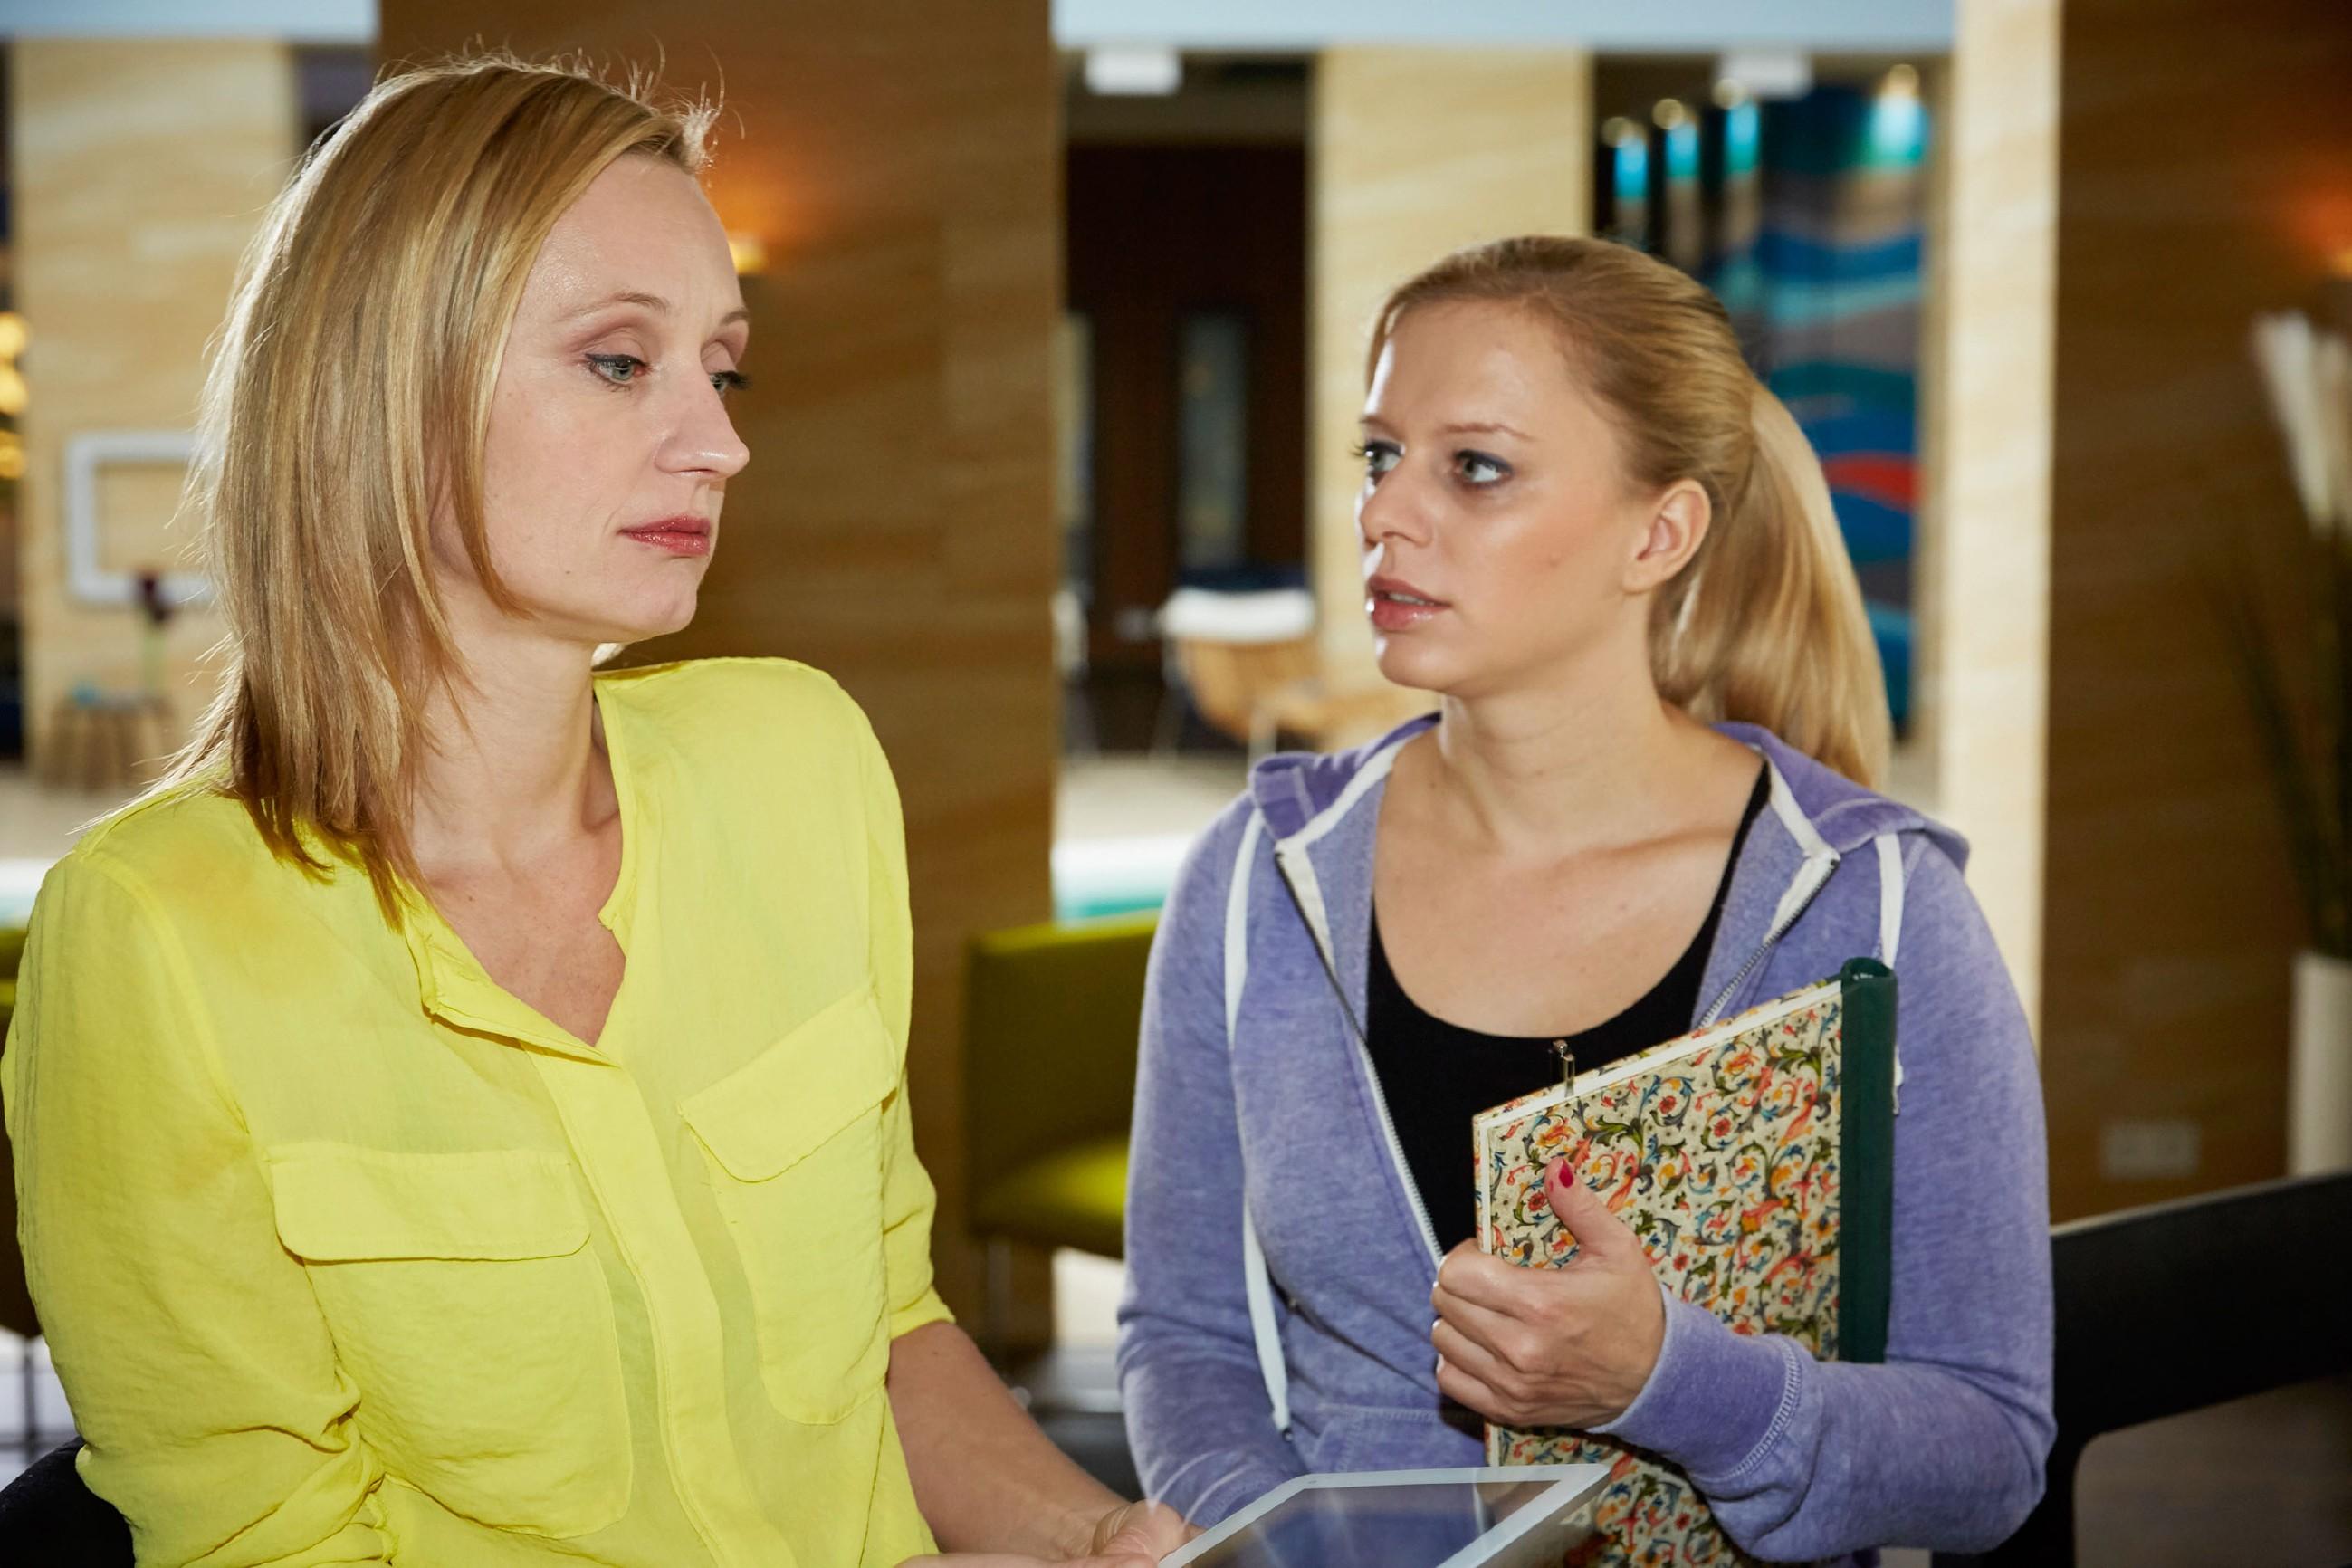 Sonja (Barbara Sotelsek, l.) ist enttäuscht von Deniz' Reaktion auf ihr Jobangebot als Olympia-Trainerin in Berlin, erklärt Lena (Juliette Greco) jedoch, ihre Entscheidung nicht von Deniz abhängig machen. (Quelle: RTL / Guido Engels)